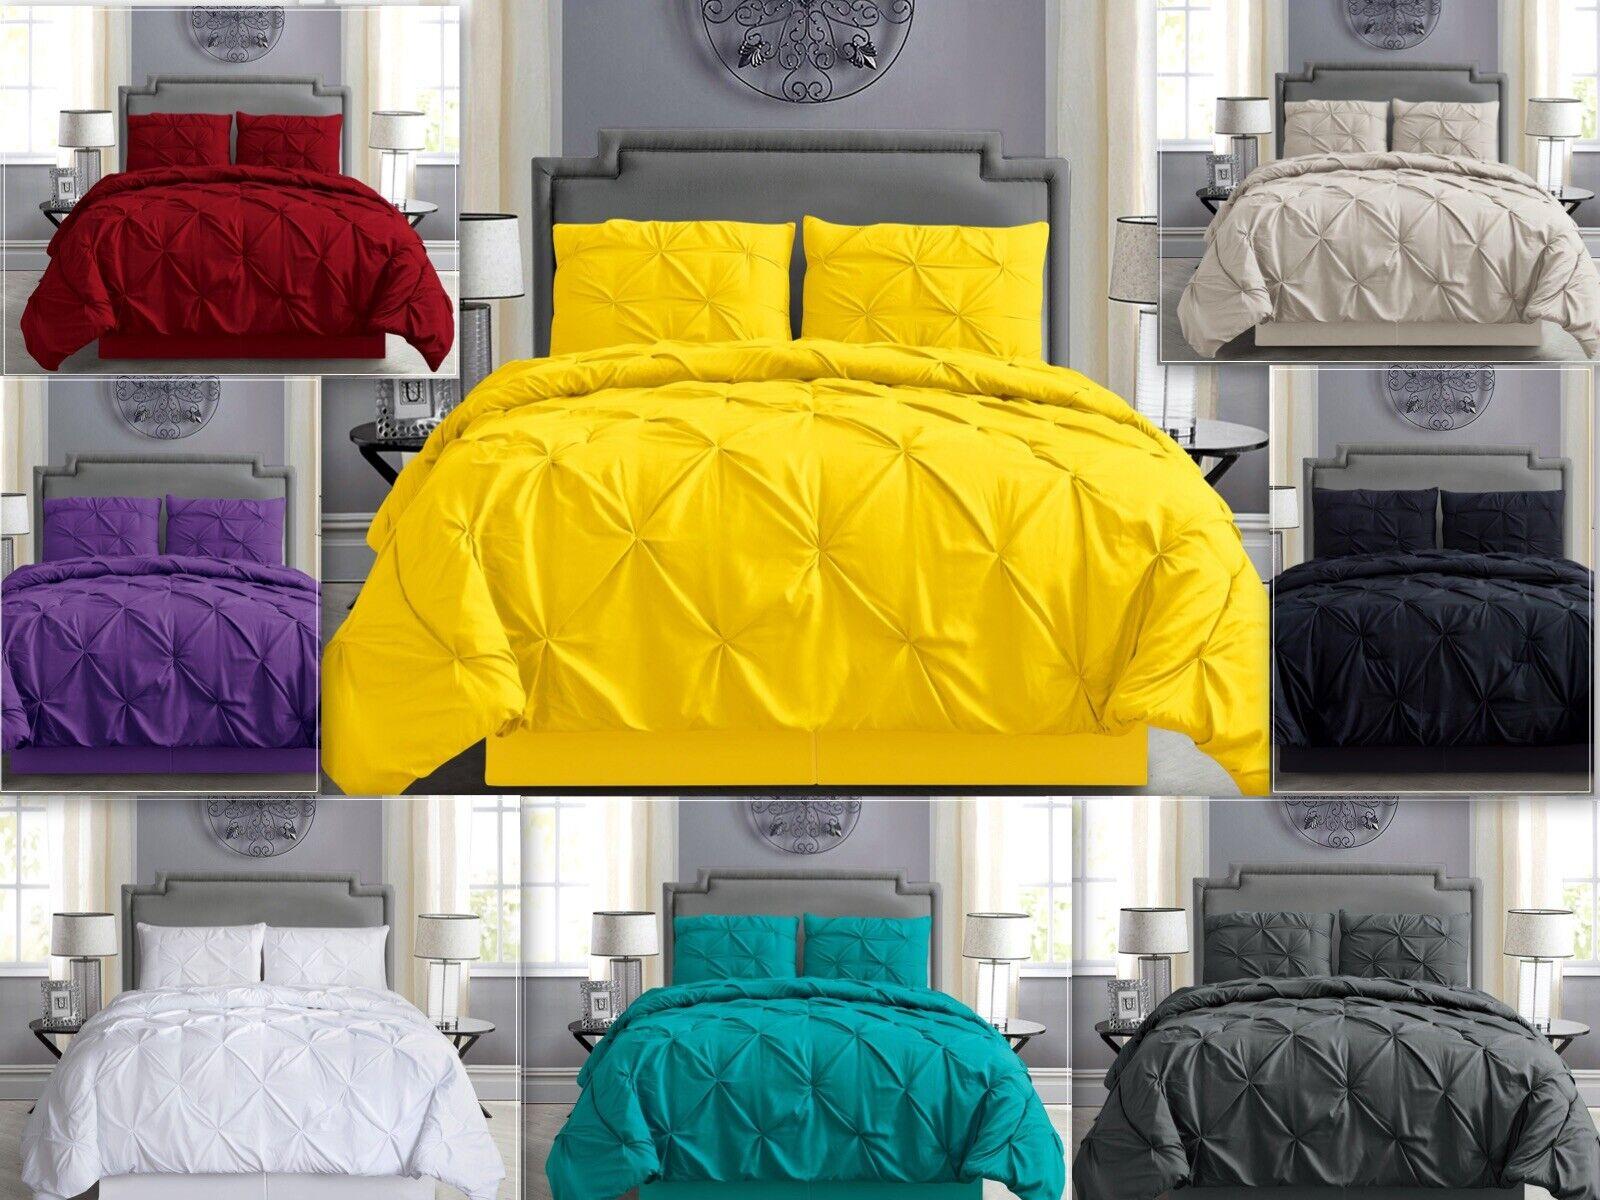 empire home pintuck hypoallergenic 4 piece comforter